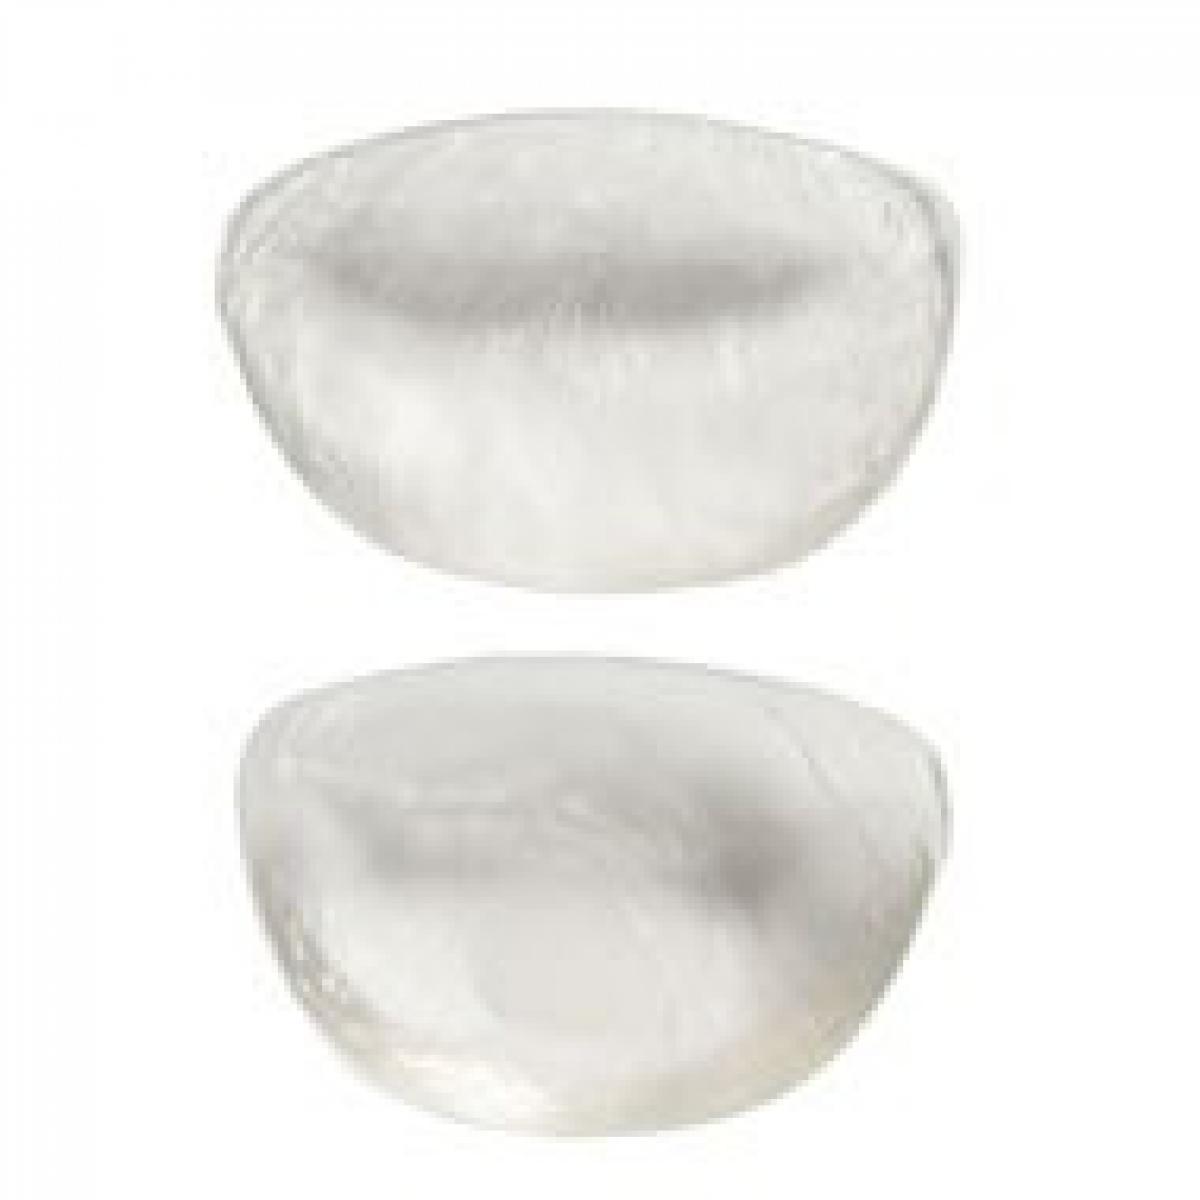 Coussinets en Silicone Adhésifs et Waterproof Transparent